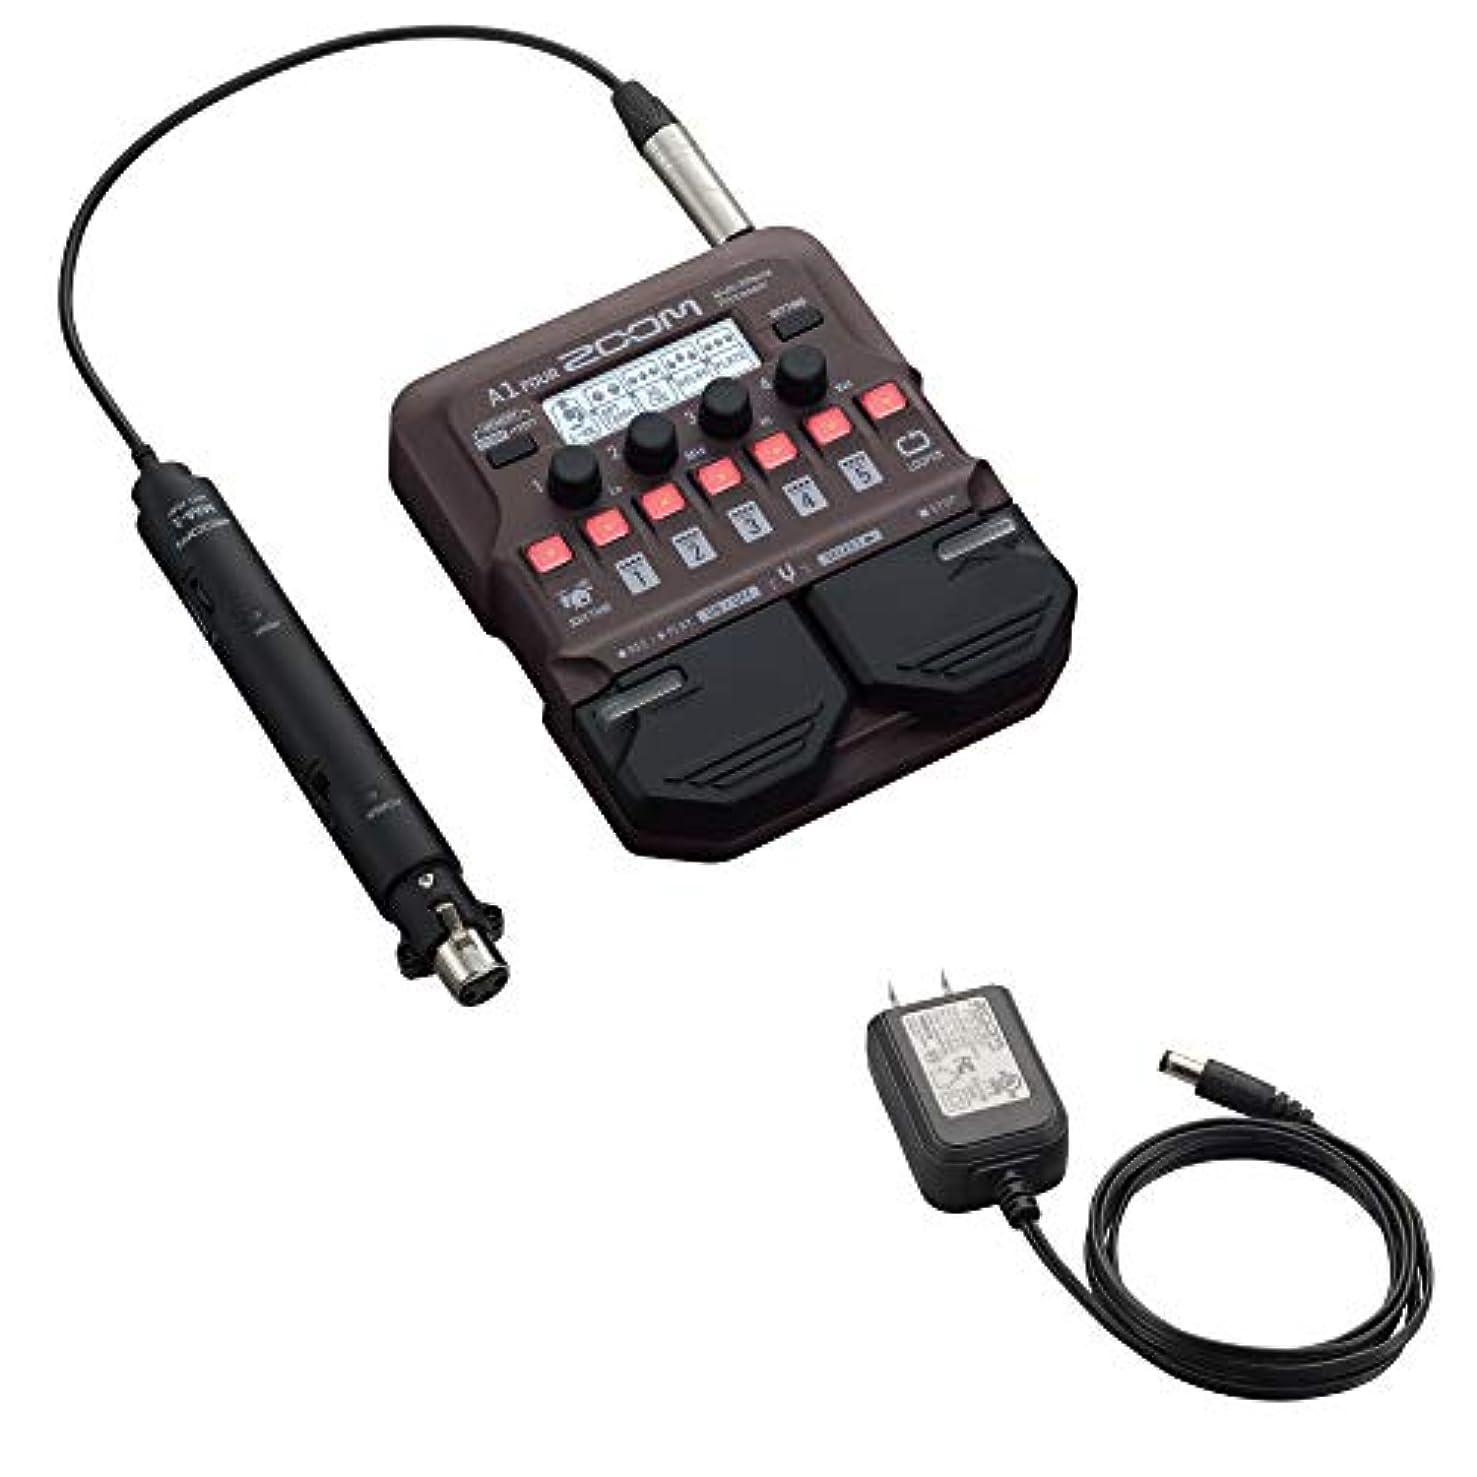 スーツケース眠る顕著ZOOM A1 FOUR アコースティック楽器用 マルチエフェクター 純正アダプター付きセット